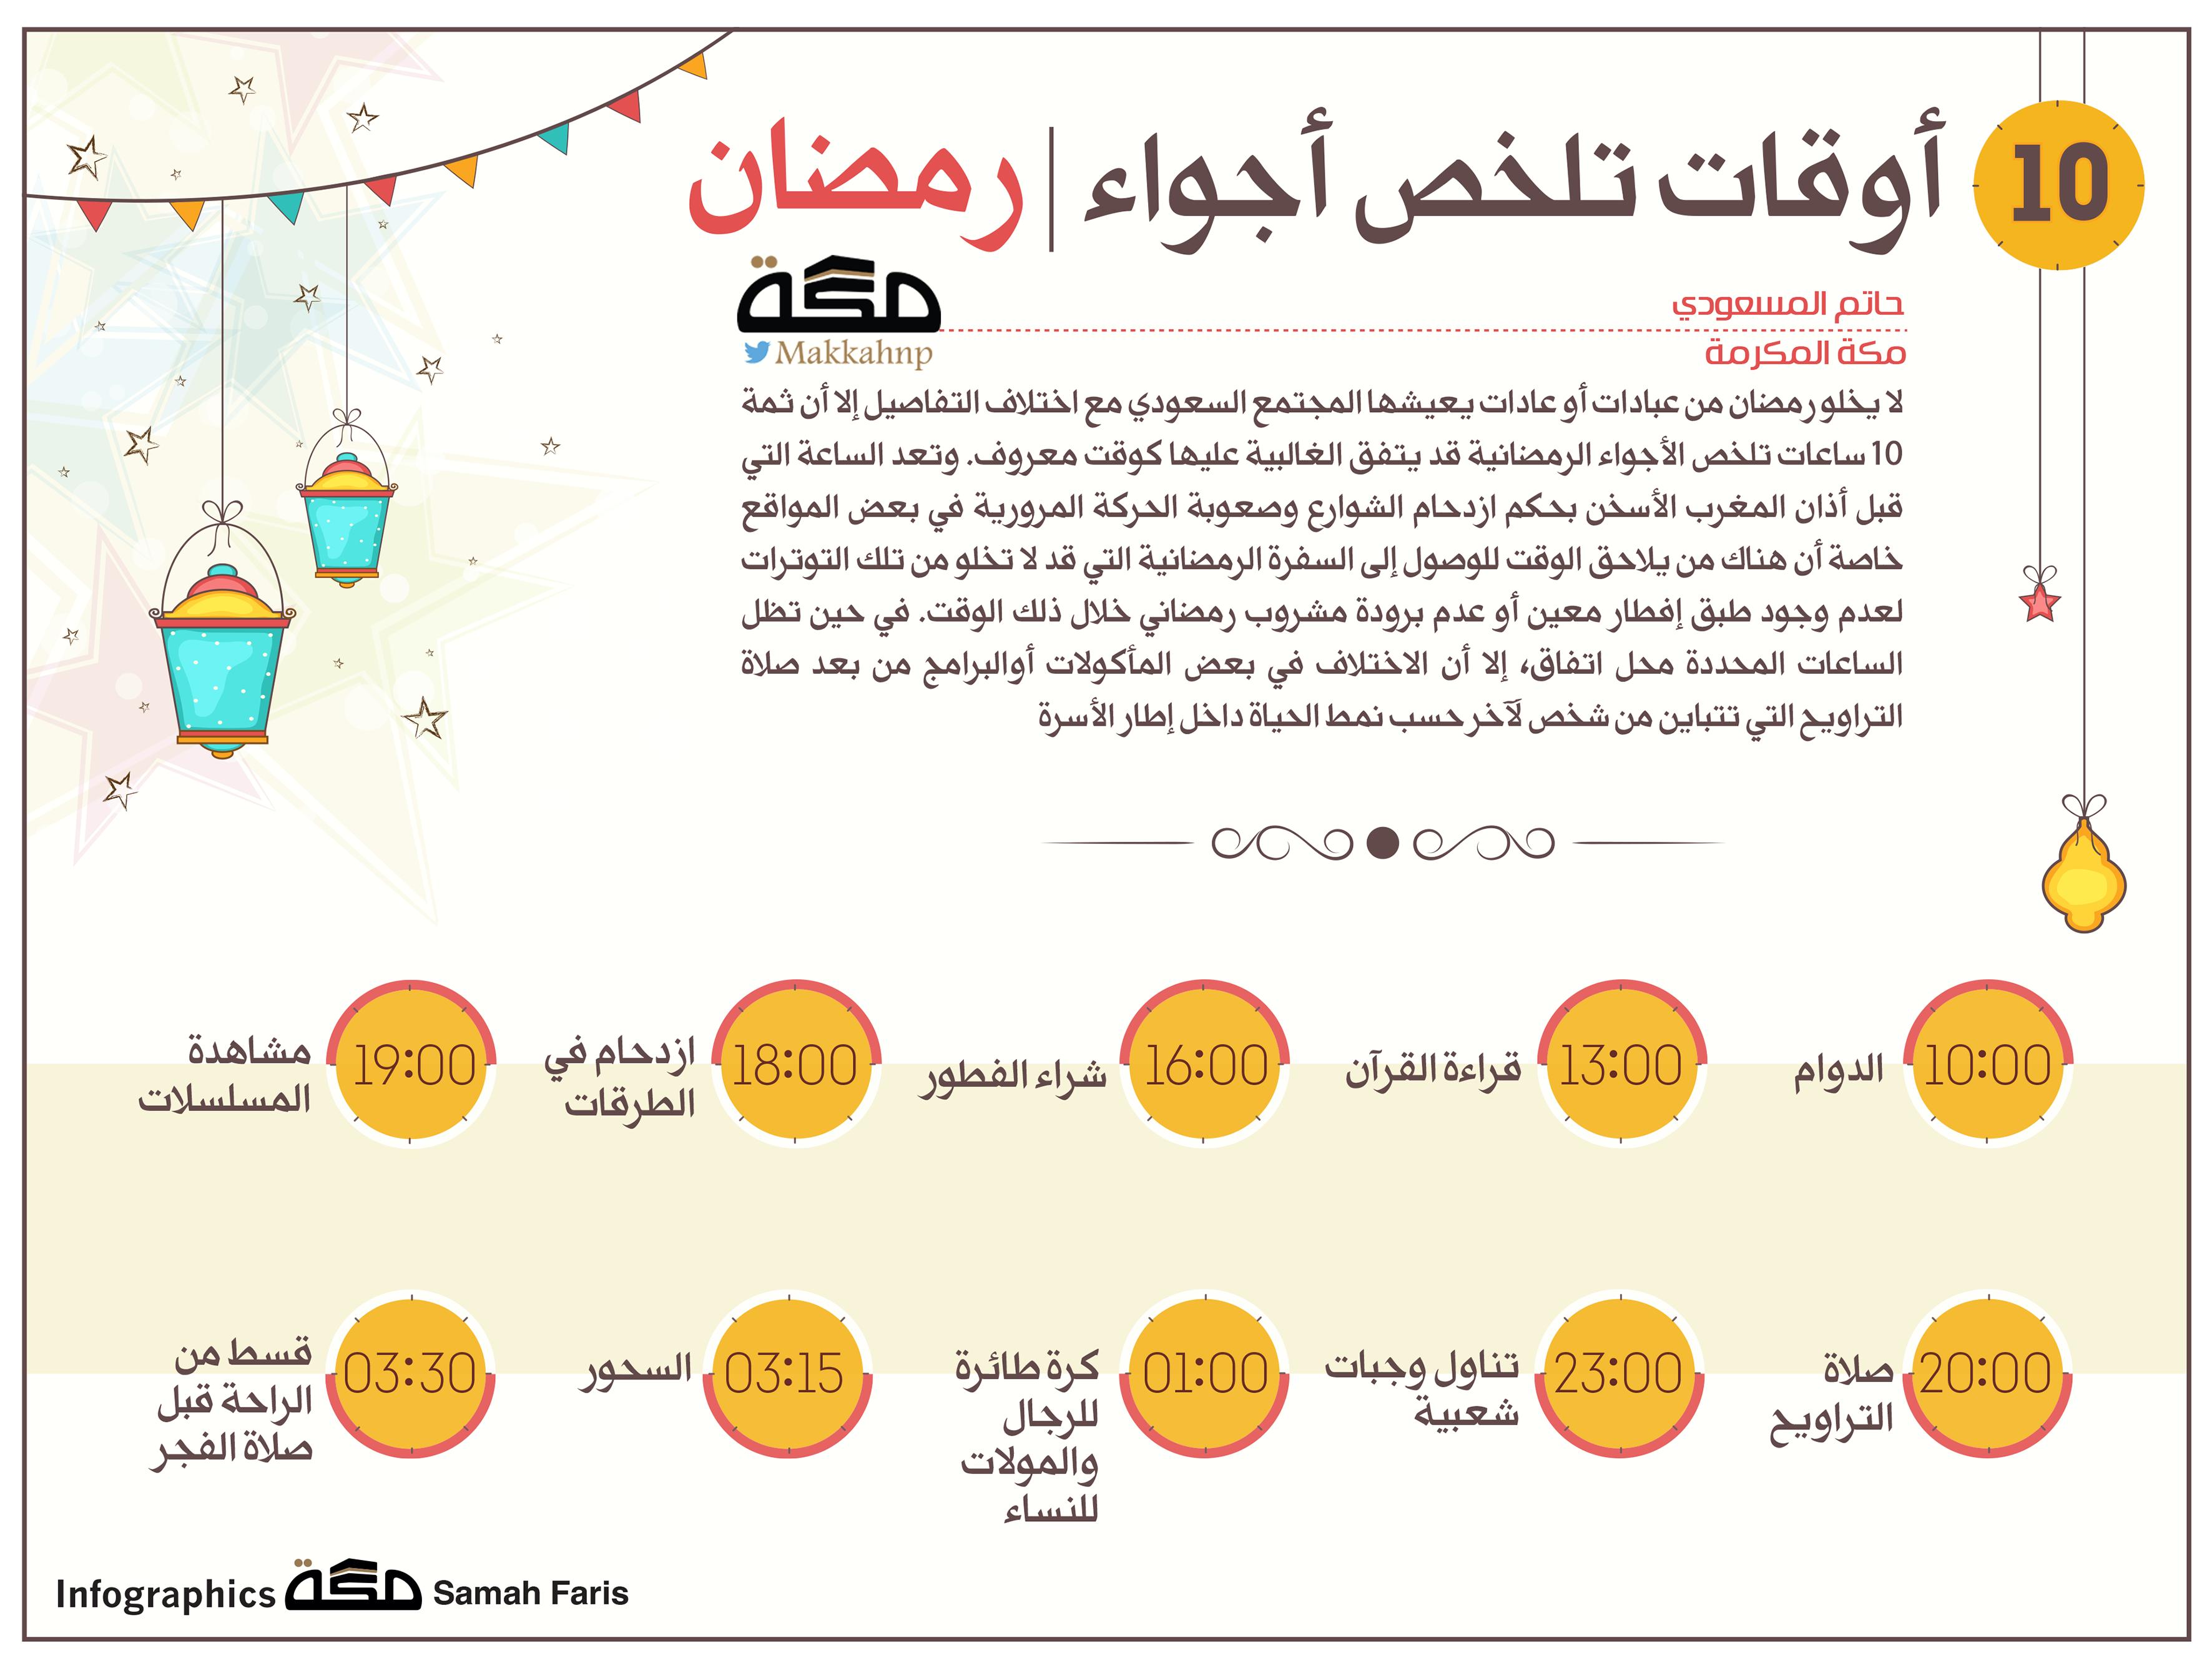 انفوجرافيك 10 أوقات تلخص أجواء رمضان انفوجرافيك Infographic Graphic رمضان السعودية صحيفة مكة Infographic Map Asos